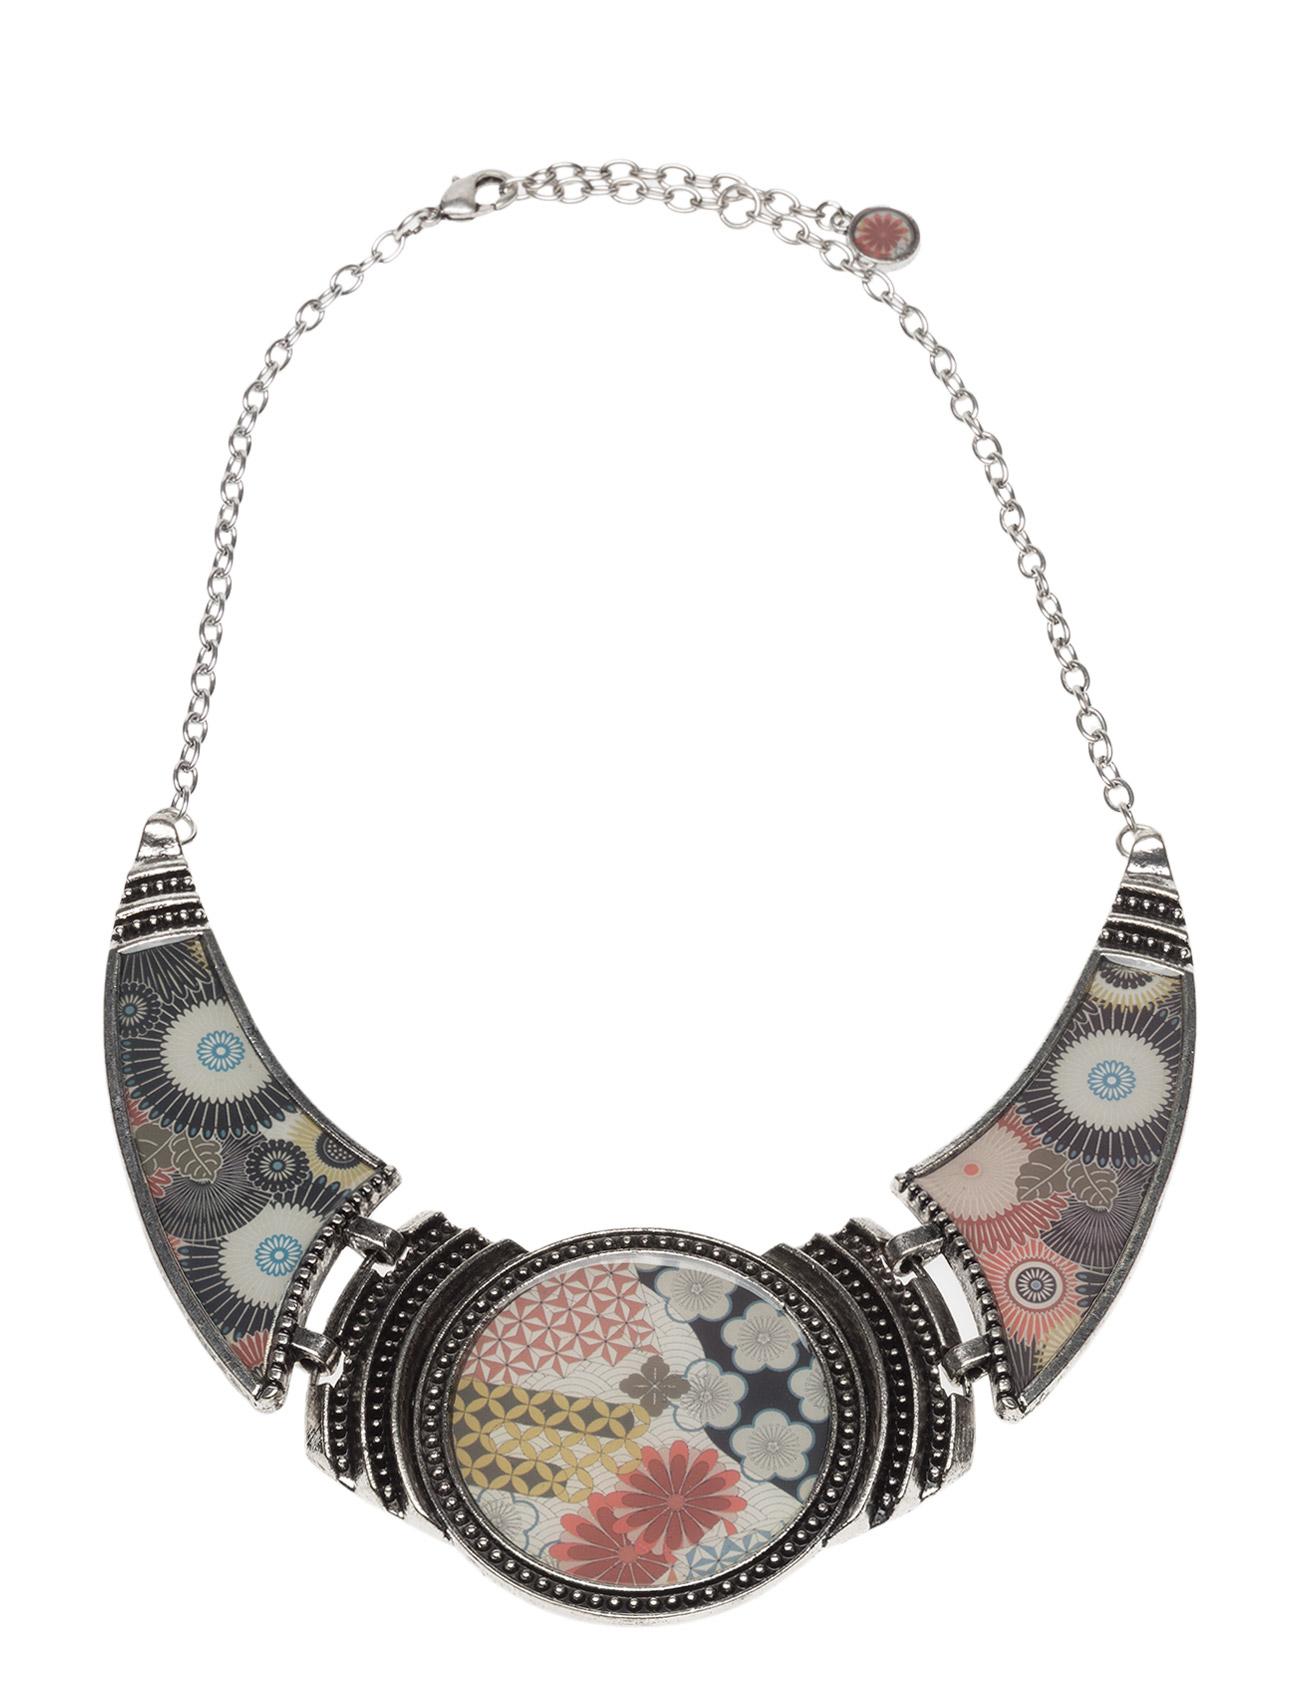 Collar Japanfresh Desigual Accessories Smykker til Damer i neger